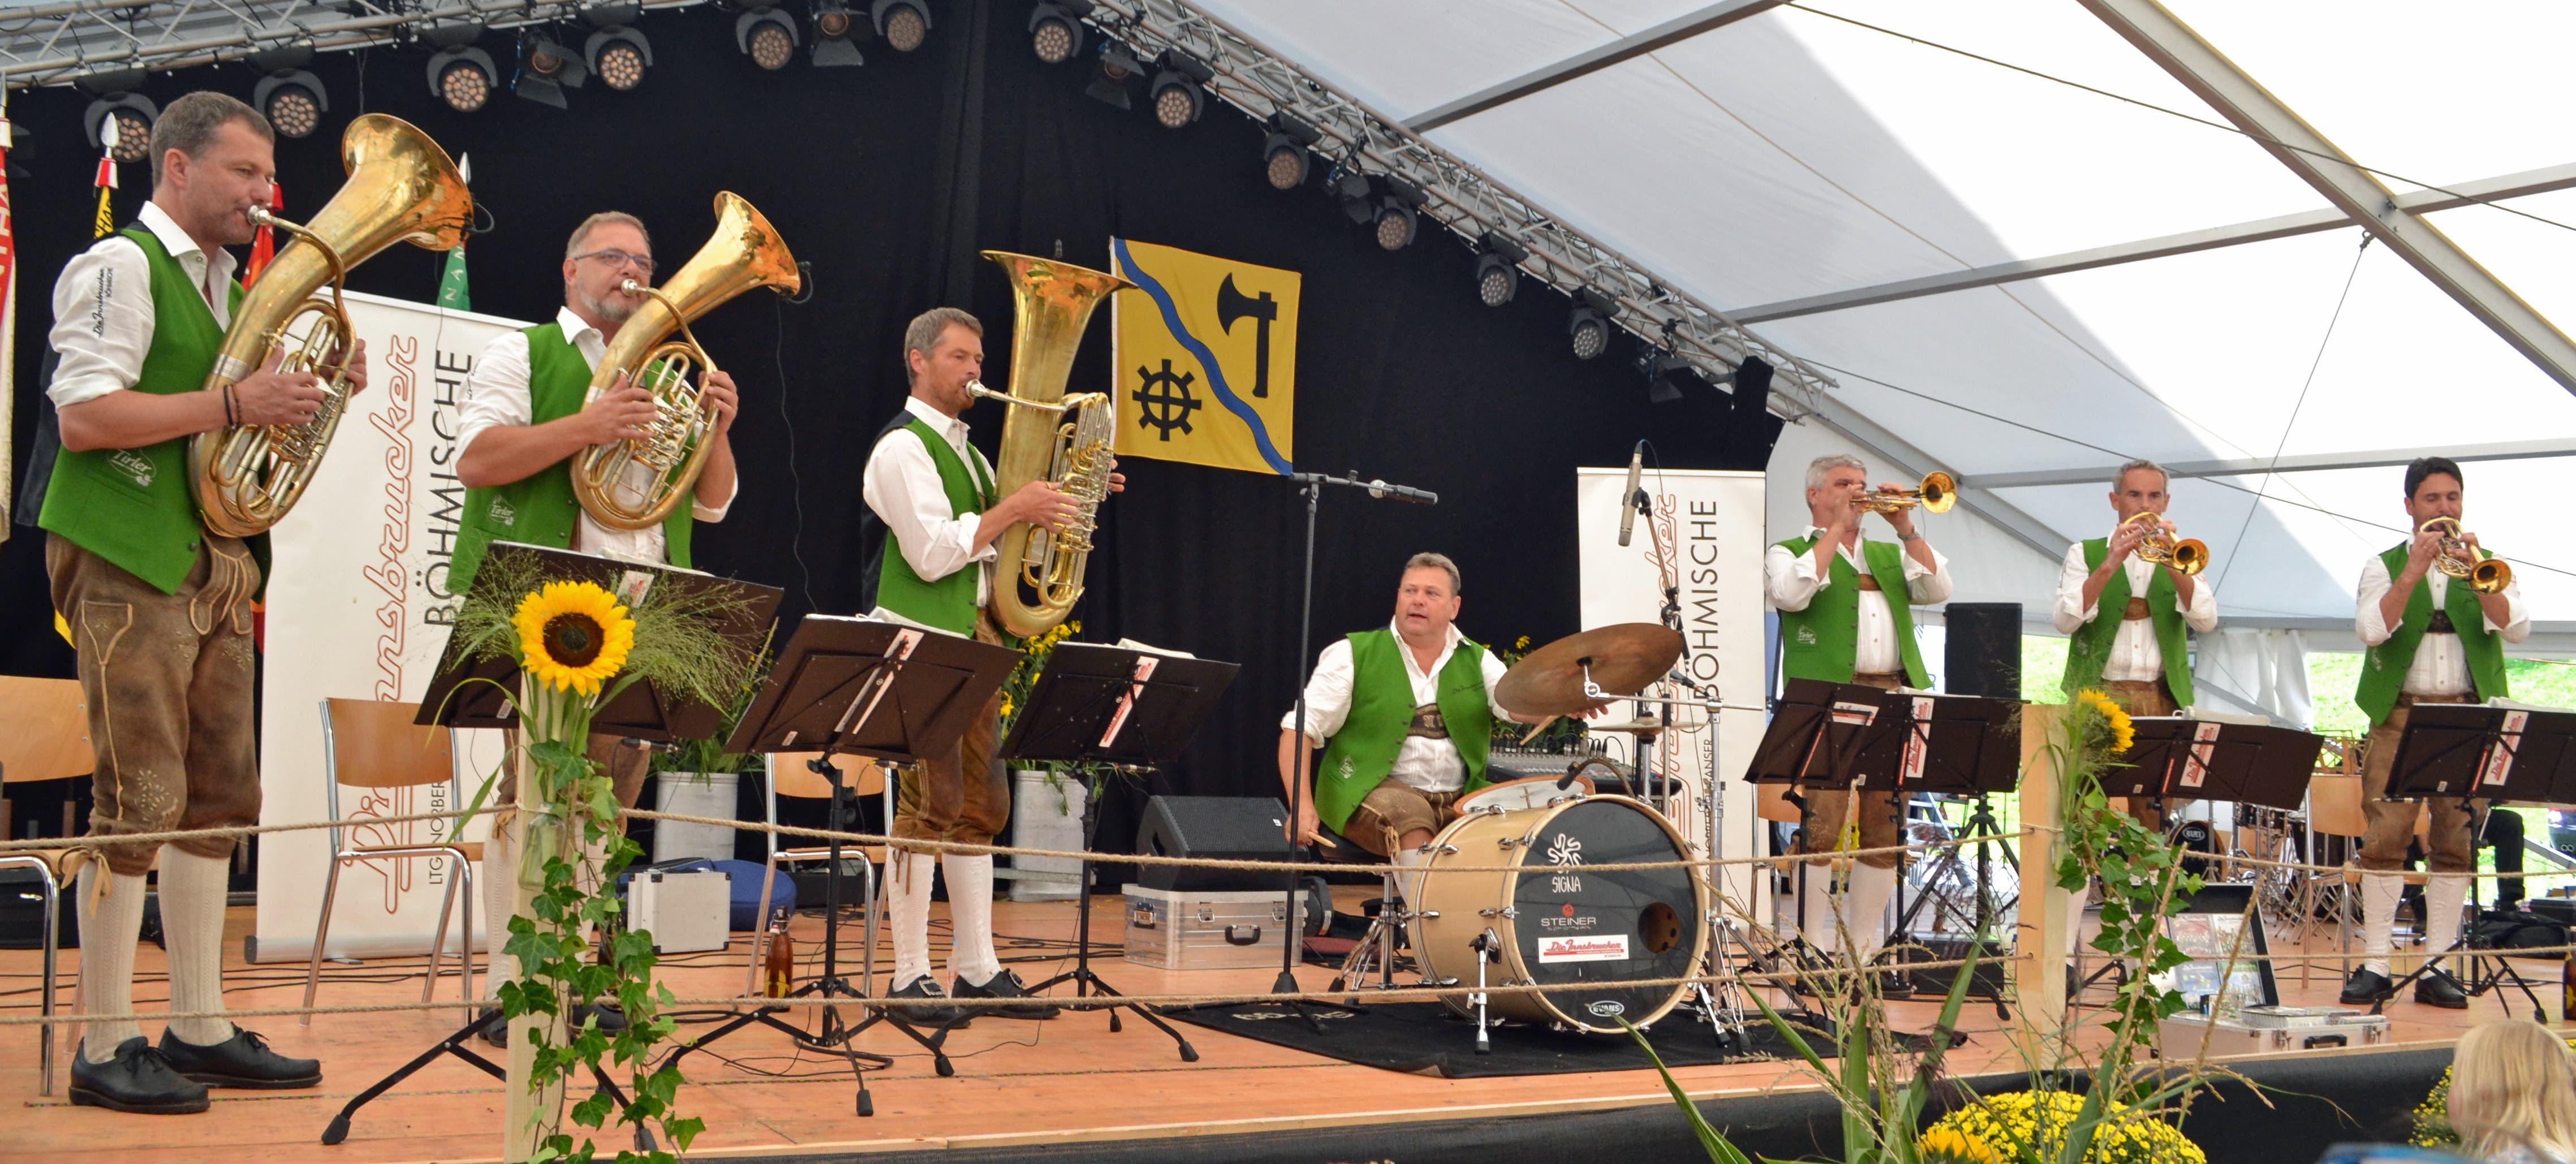 Die Innsbrucker Böhmischen begeisterten das Publikum am Sonntagnachmittag. (Bild: Peter Jenni)